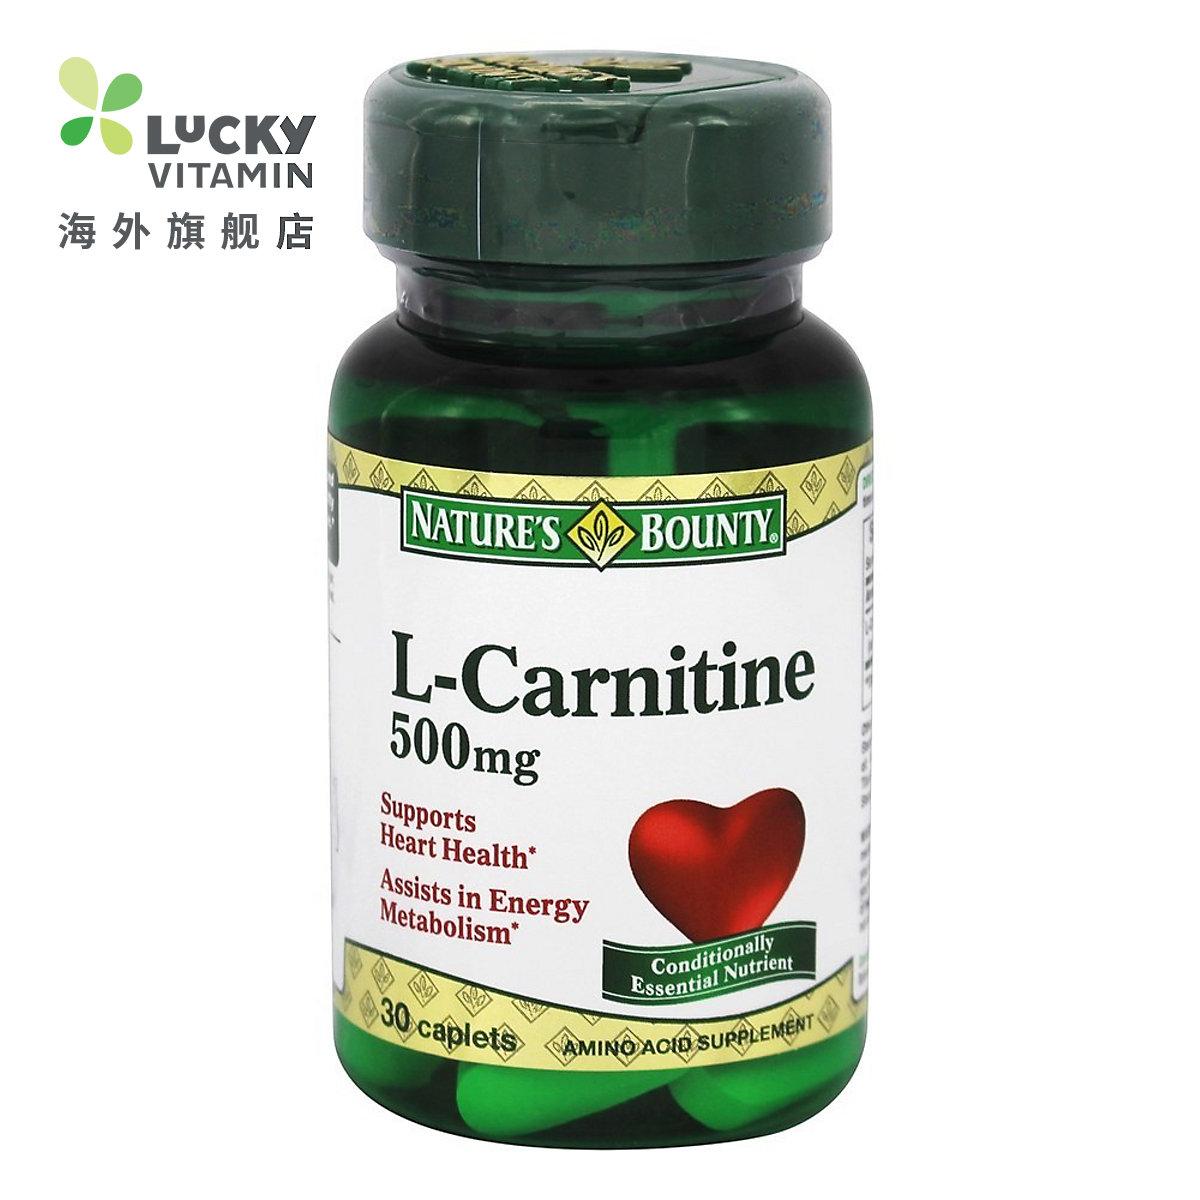 Природная сокровищница природы слева 30 таблеток карнитиновых капсул поддерживают здоровье сердца